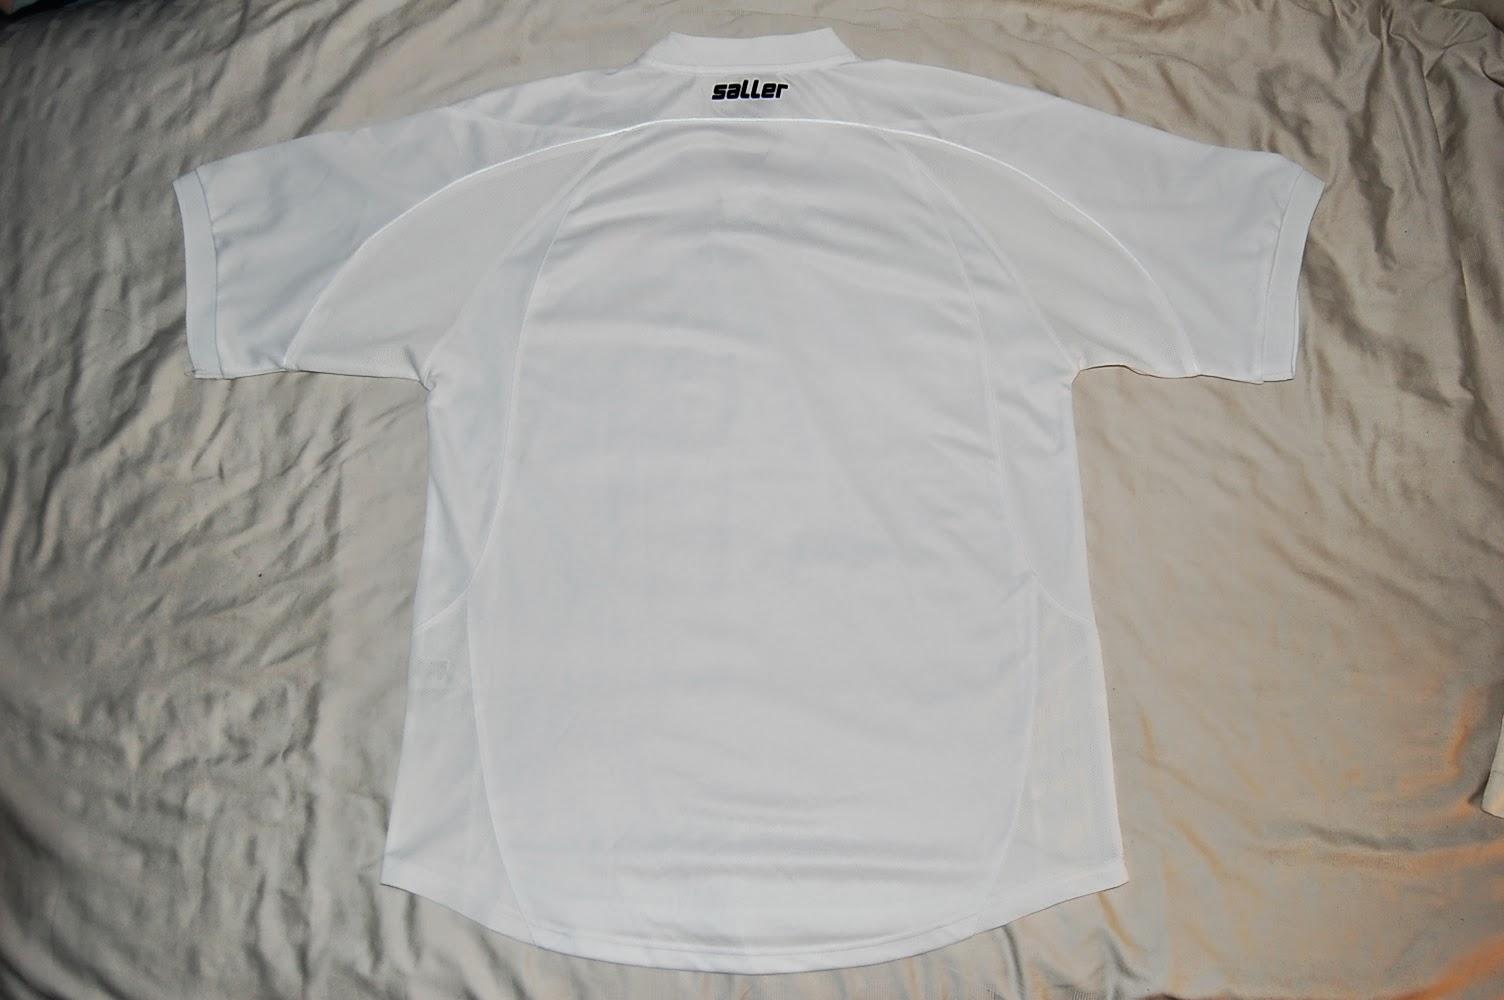 Gambia football shirt